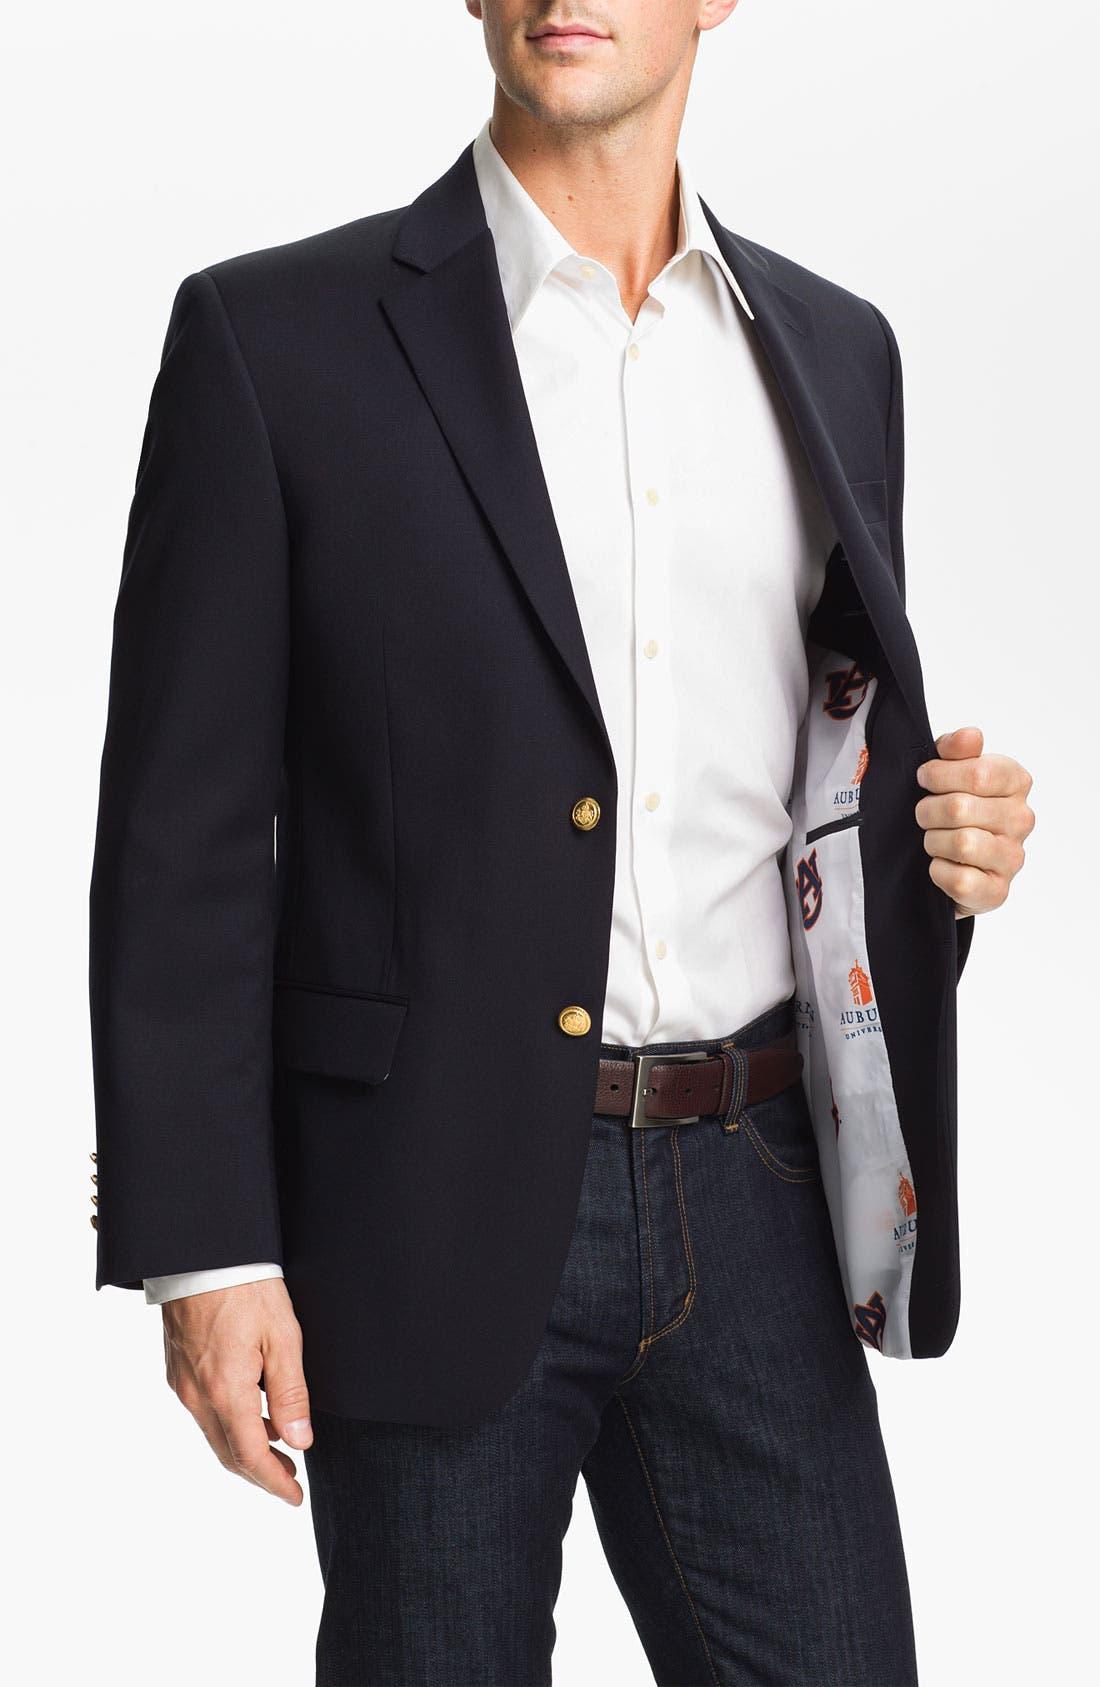 Alternate Image 1 Selected - S. Cohen 'Auburn University' Blazer (Online Only)